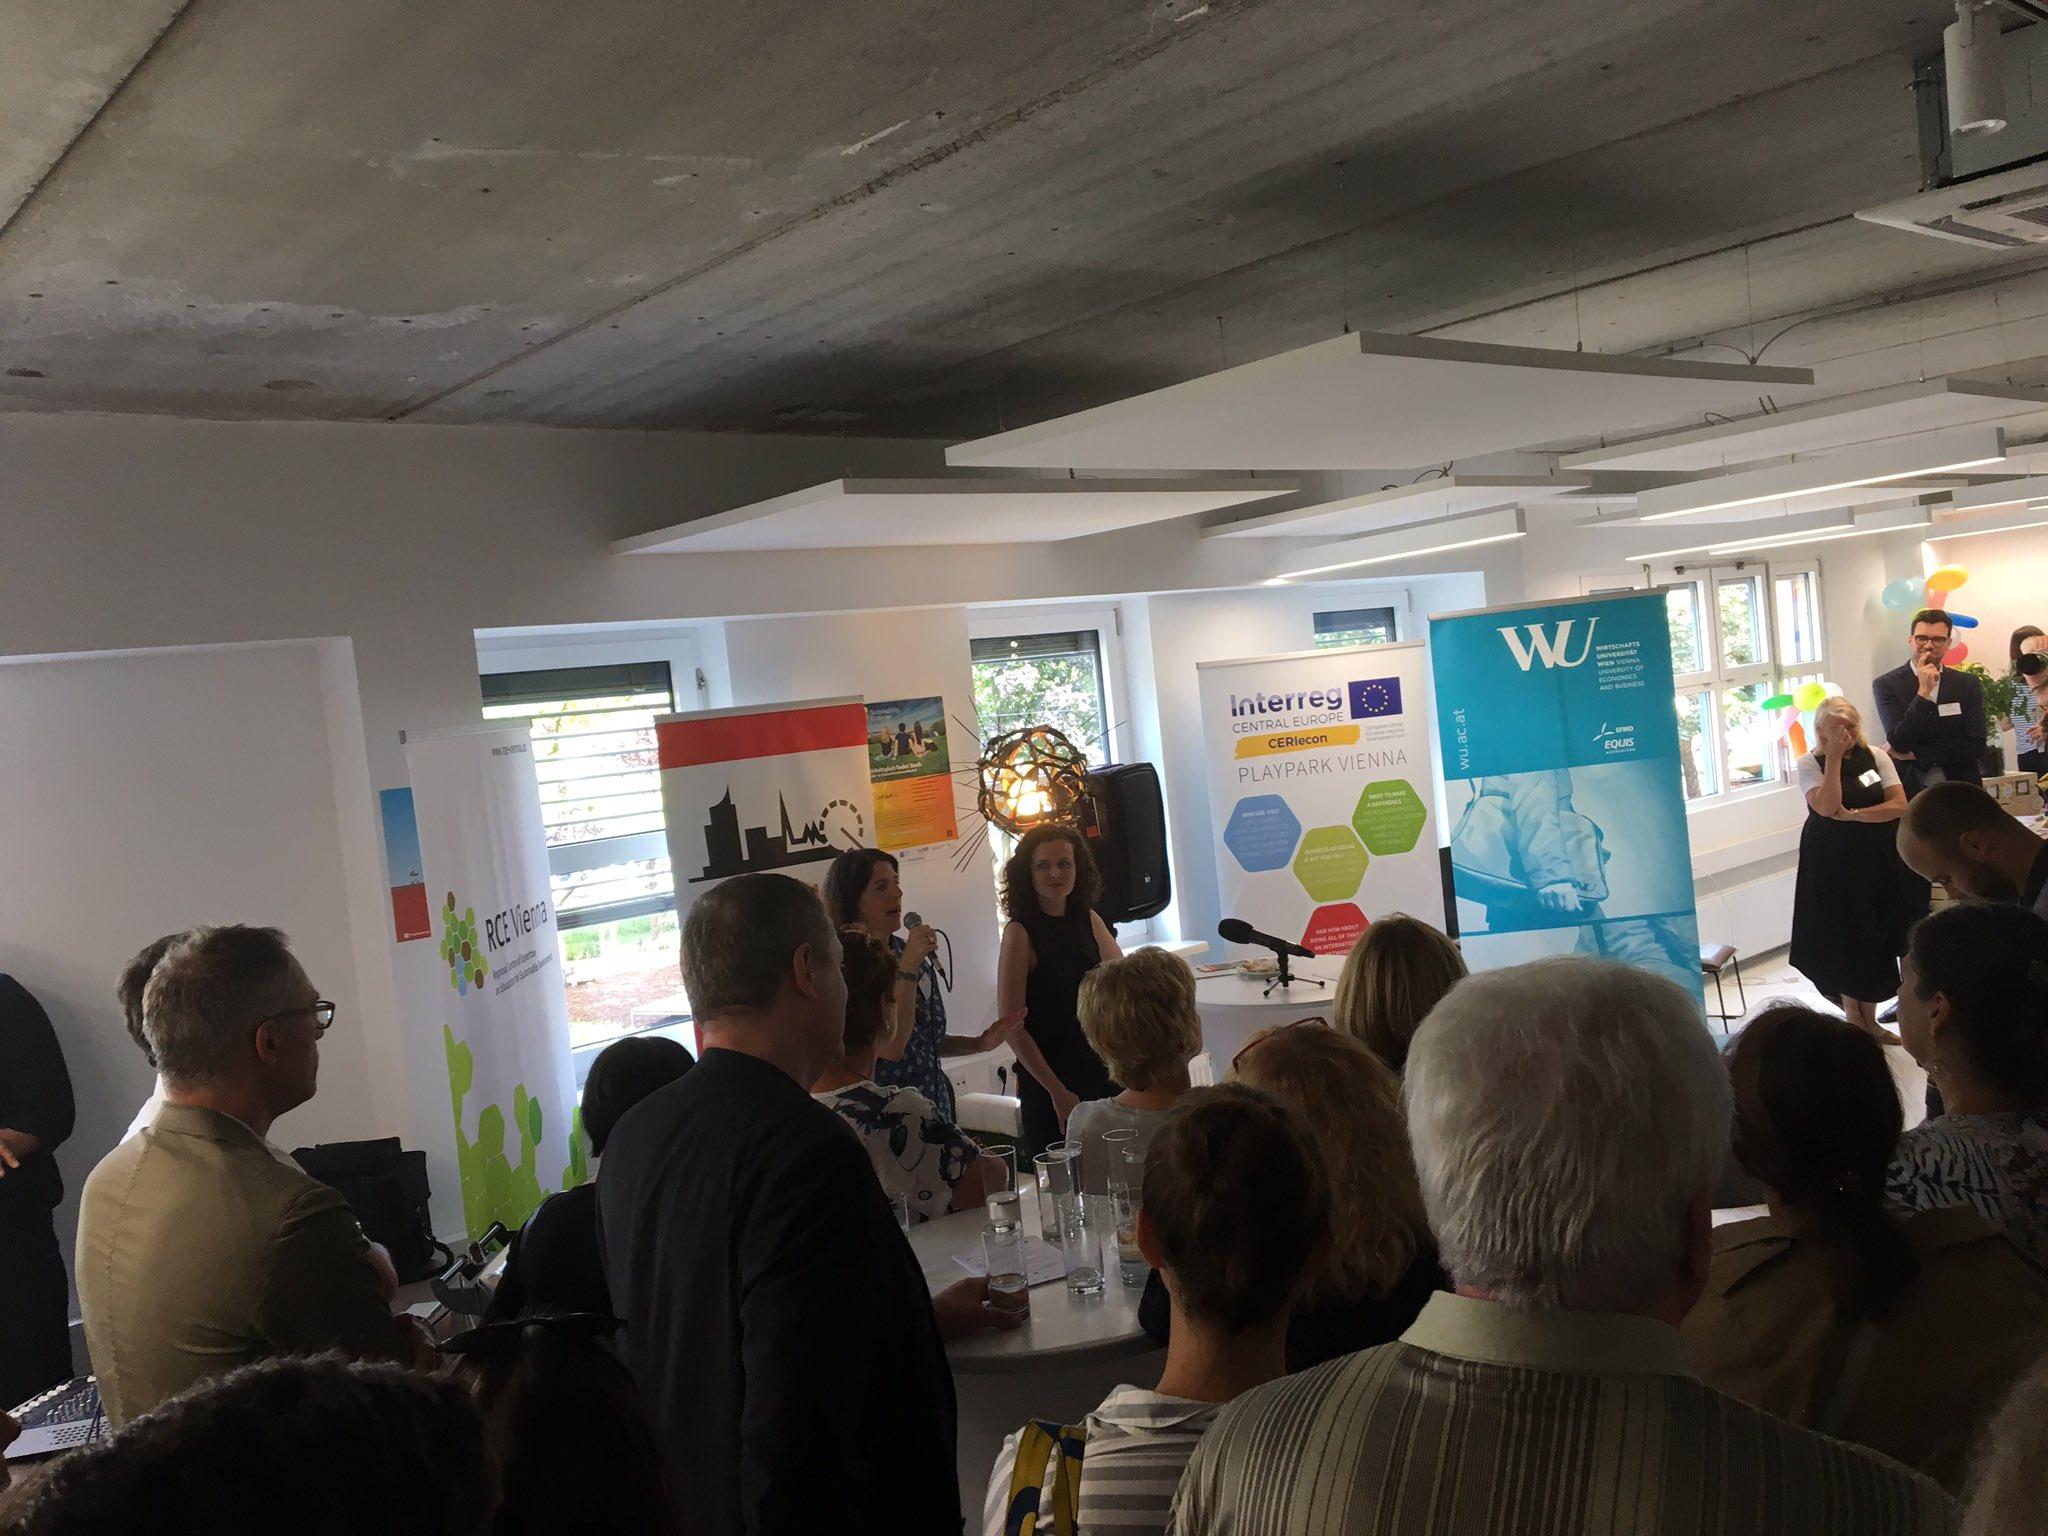 """Eröffnung des neuen InnovationHub in der """"leiwanden, normalen und inspirierten Brigittenau"""" - dem #Playpark @sachsenplatz @TanjaWehsely https://t.co/pAgA7B8W1d"""